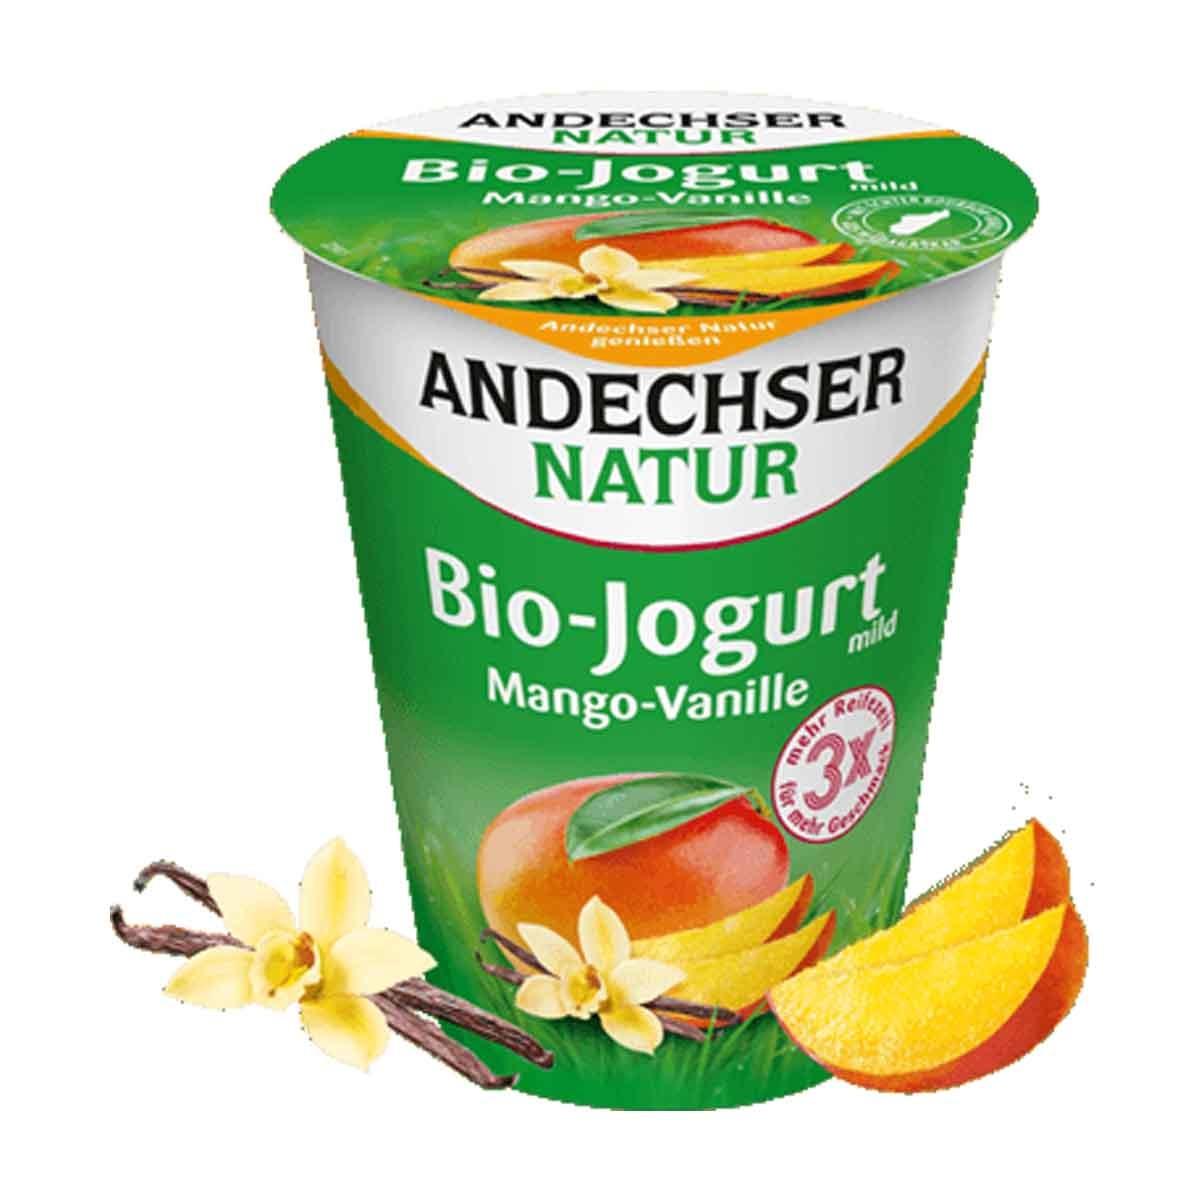 mango-vanille- yoghu (6) Biologisch